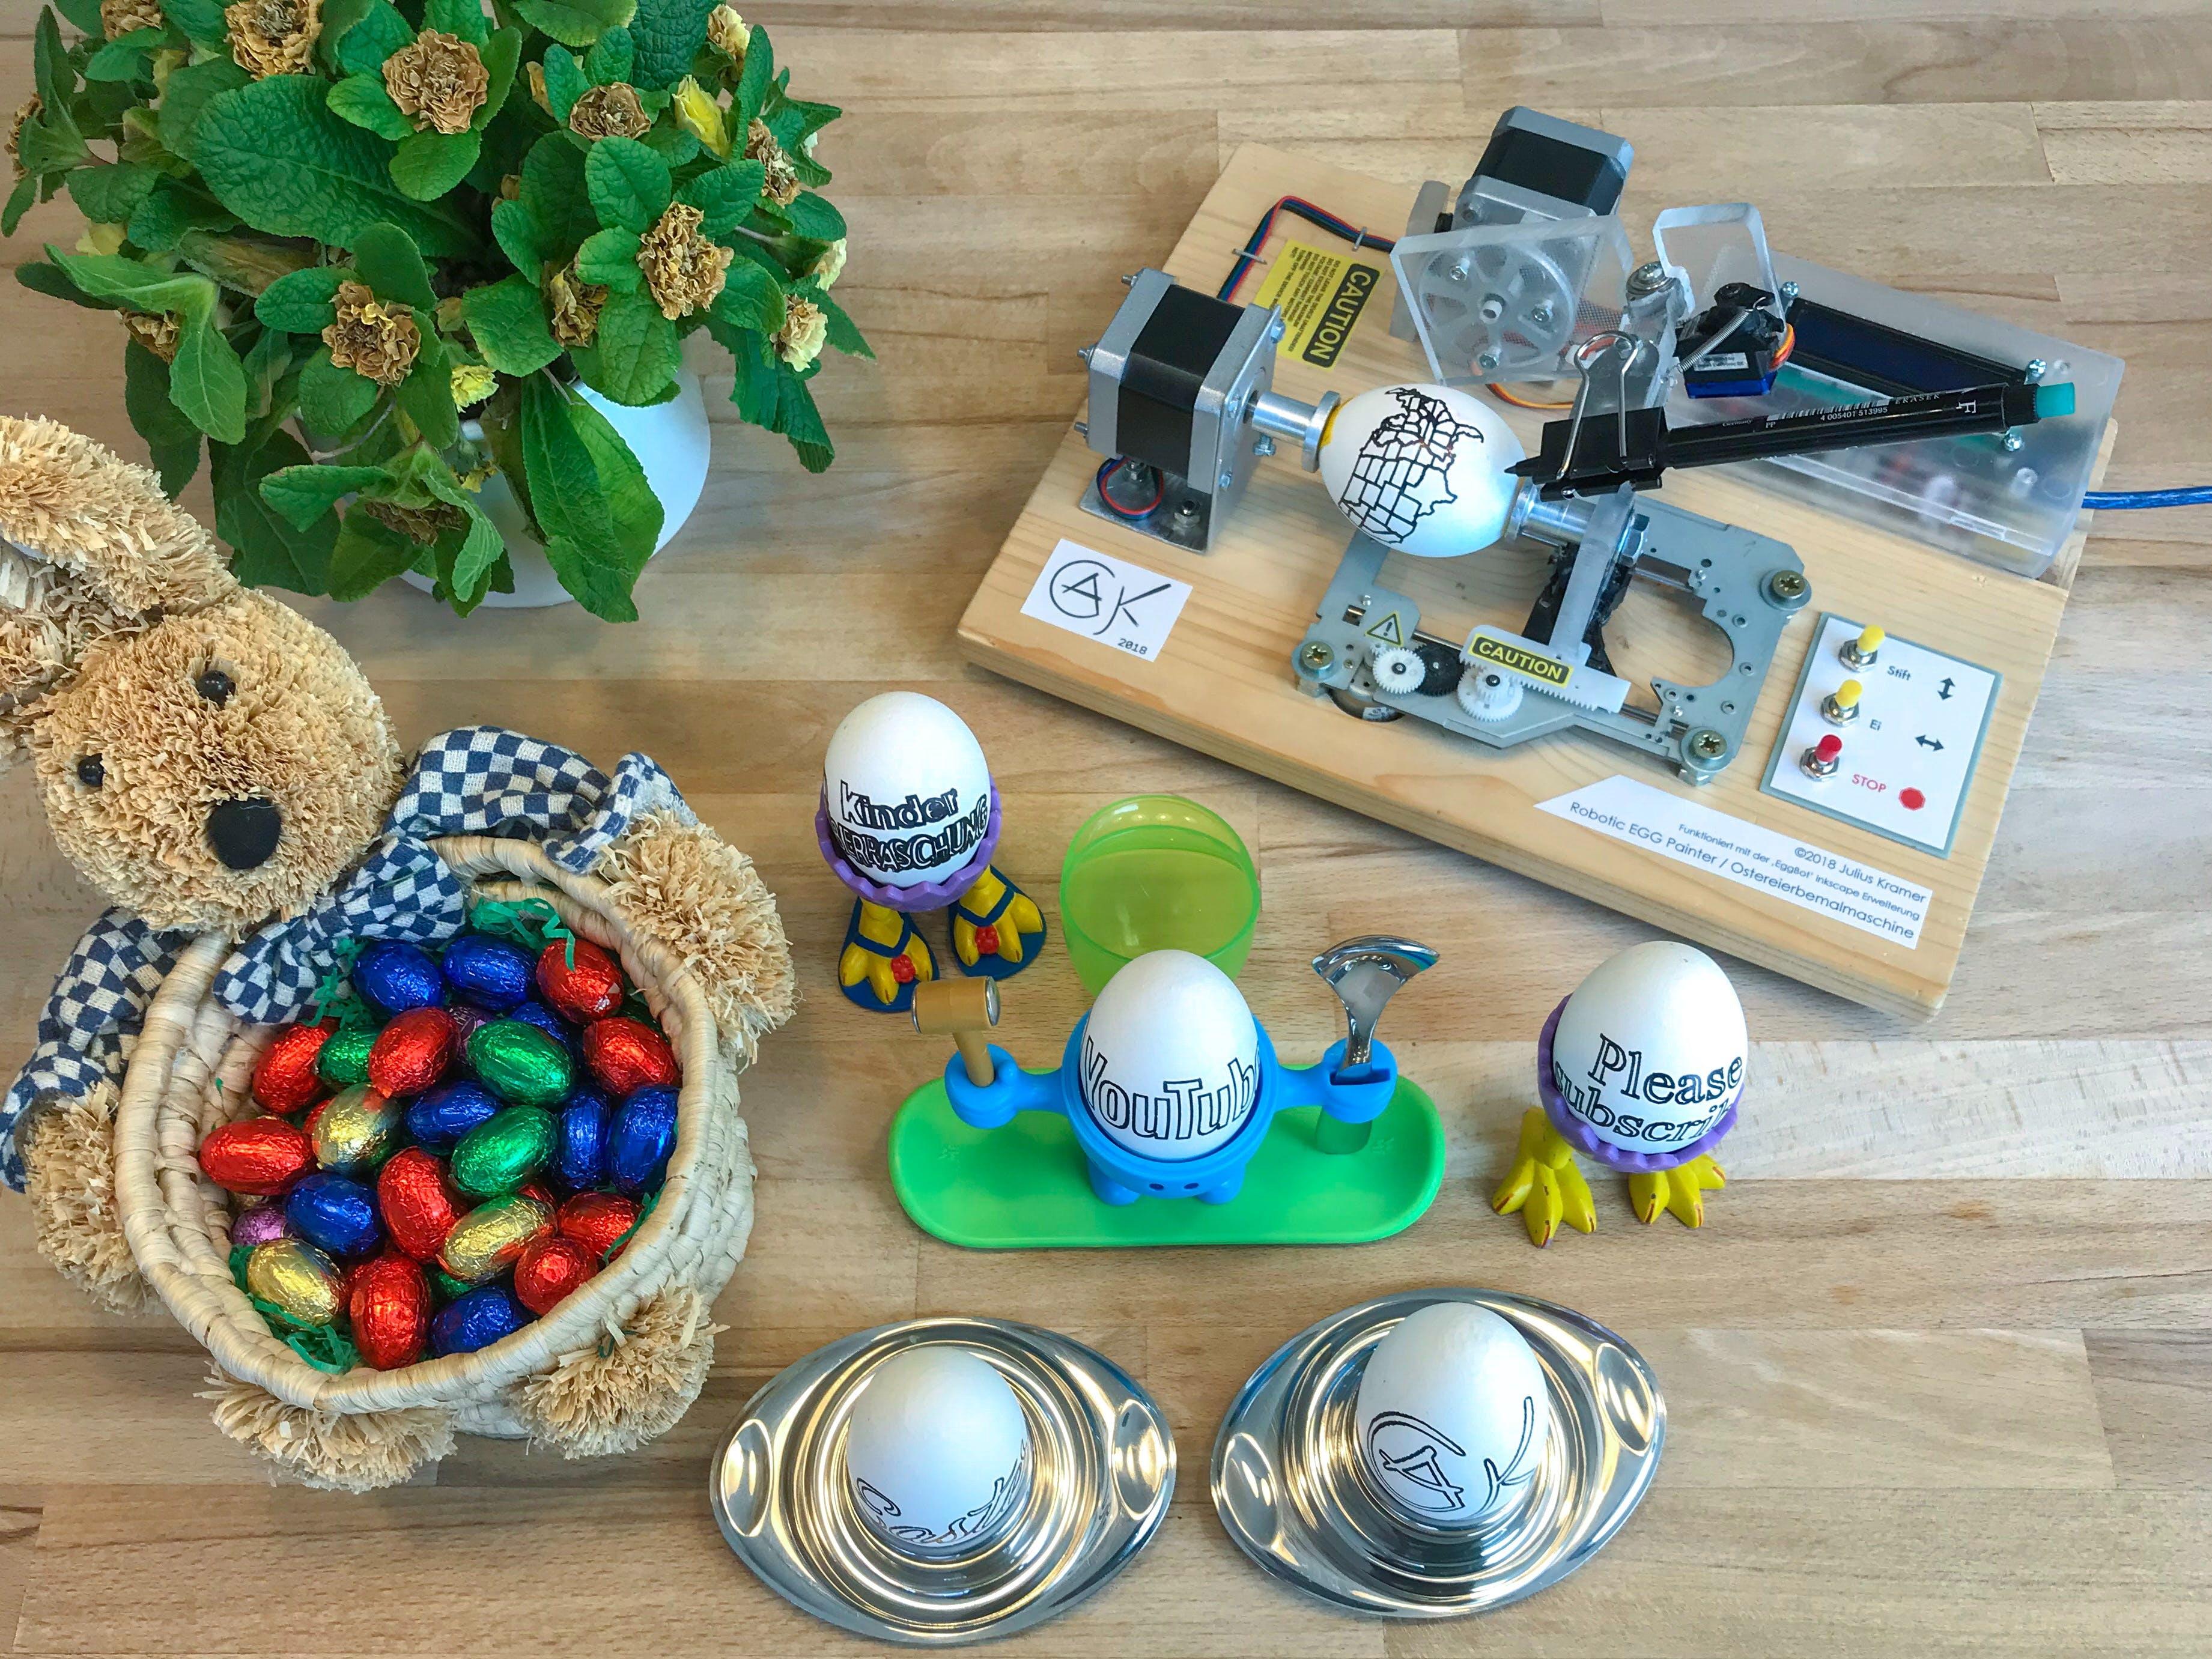 Robotic Easter Egg Painter